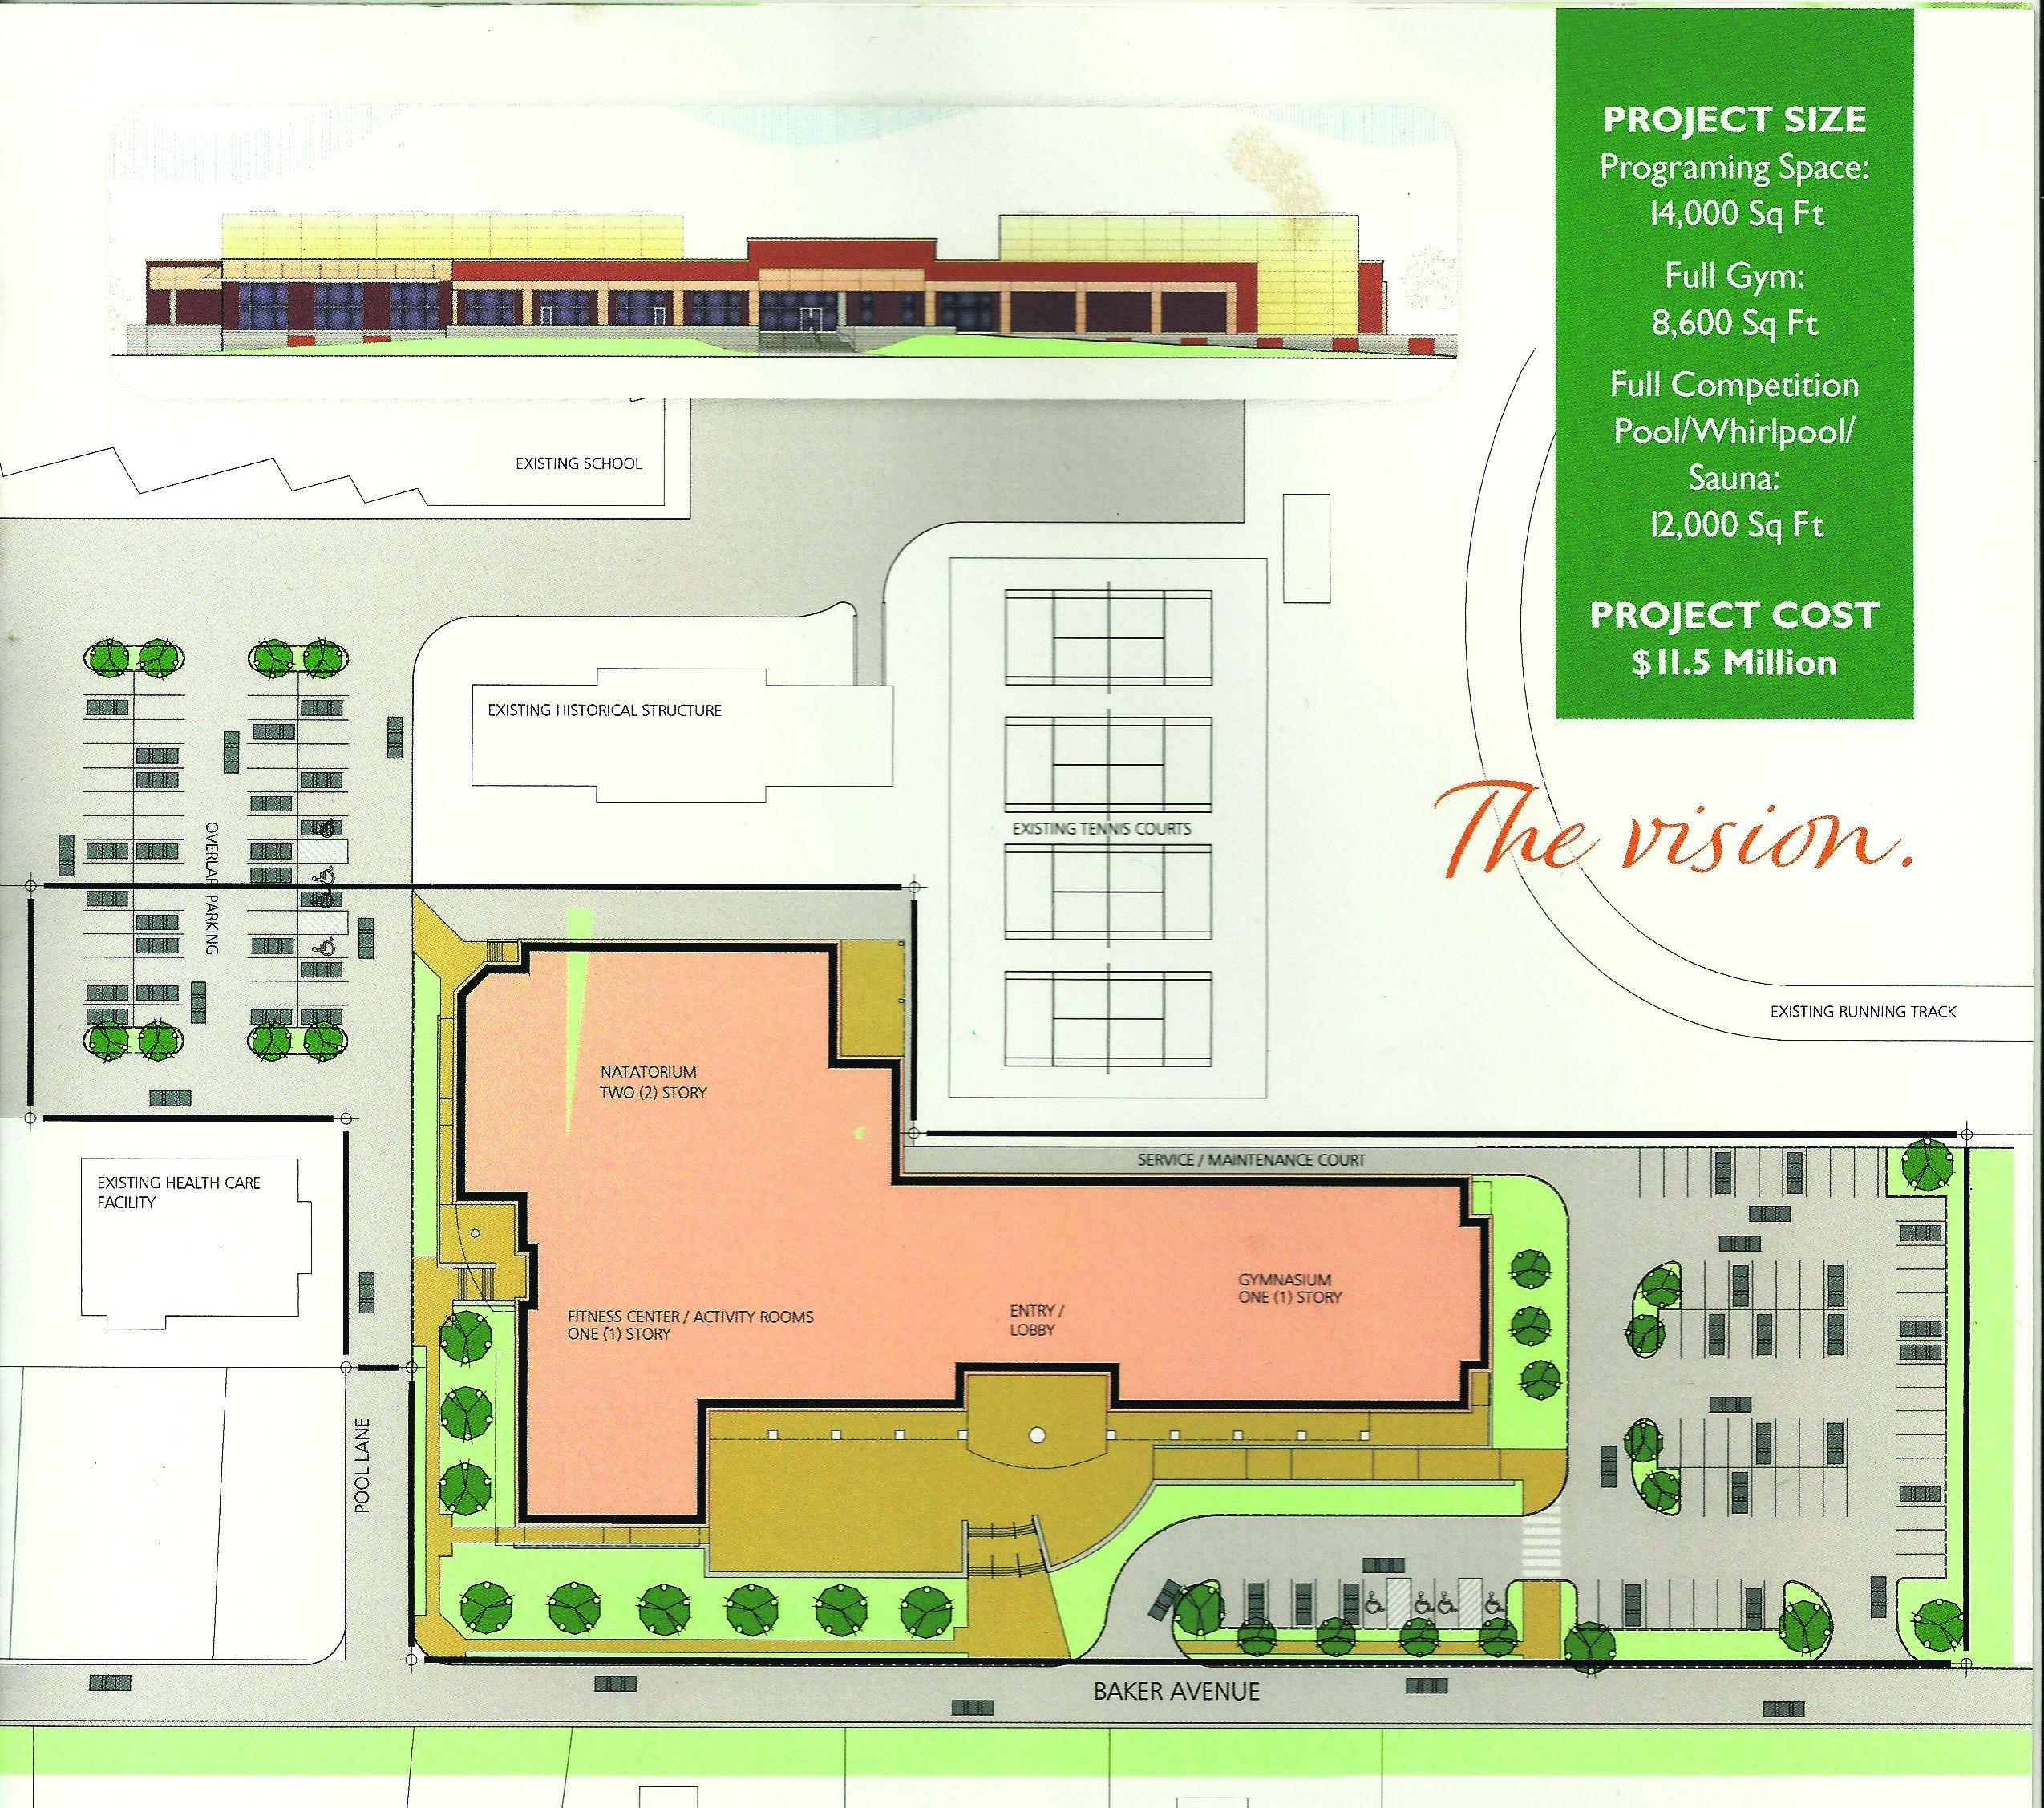 Valley Rec Center $250,000 closer to dream